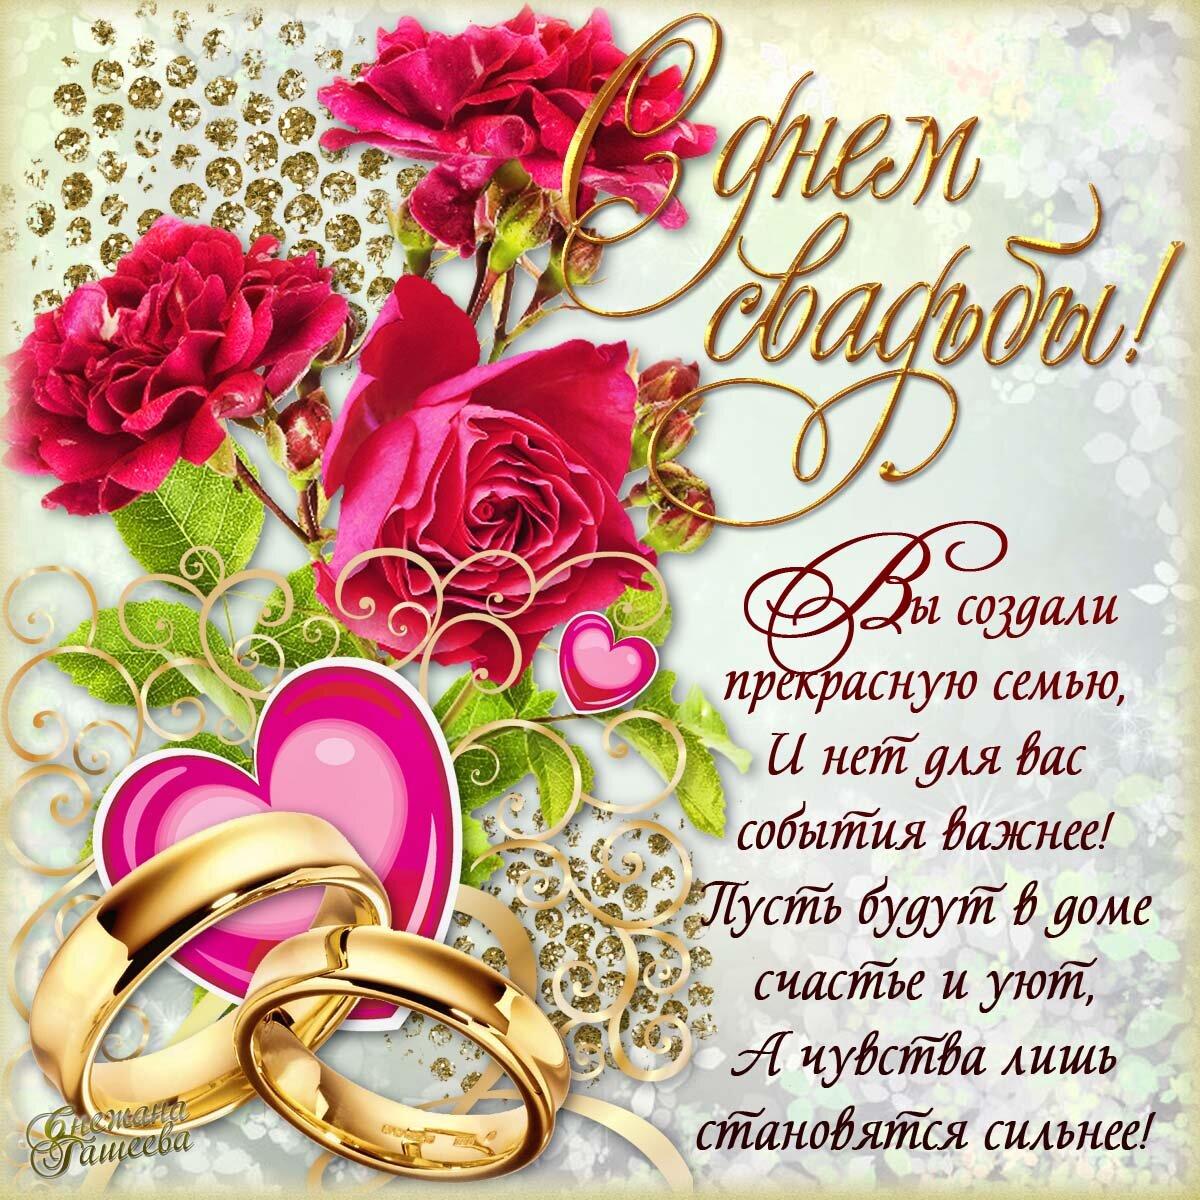 свадебные поздравления на свадьбу от крестника